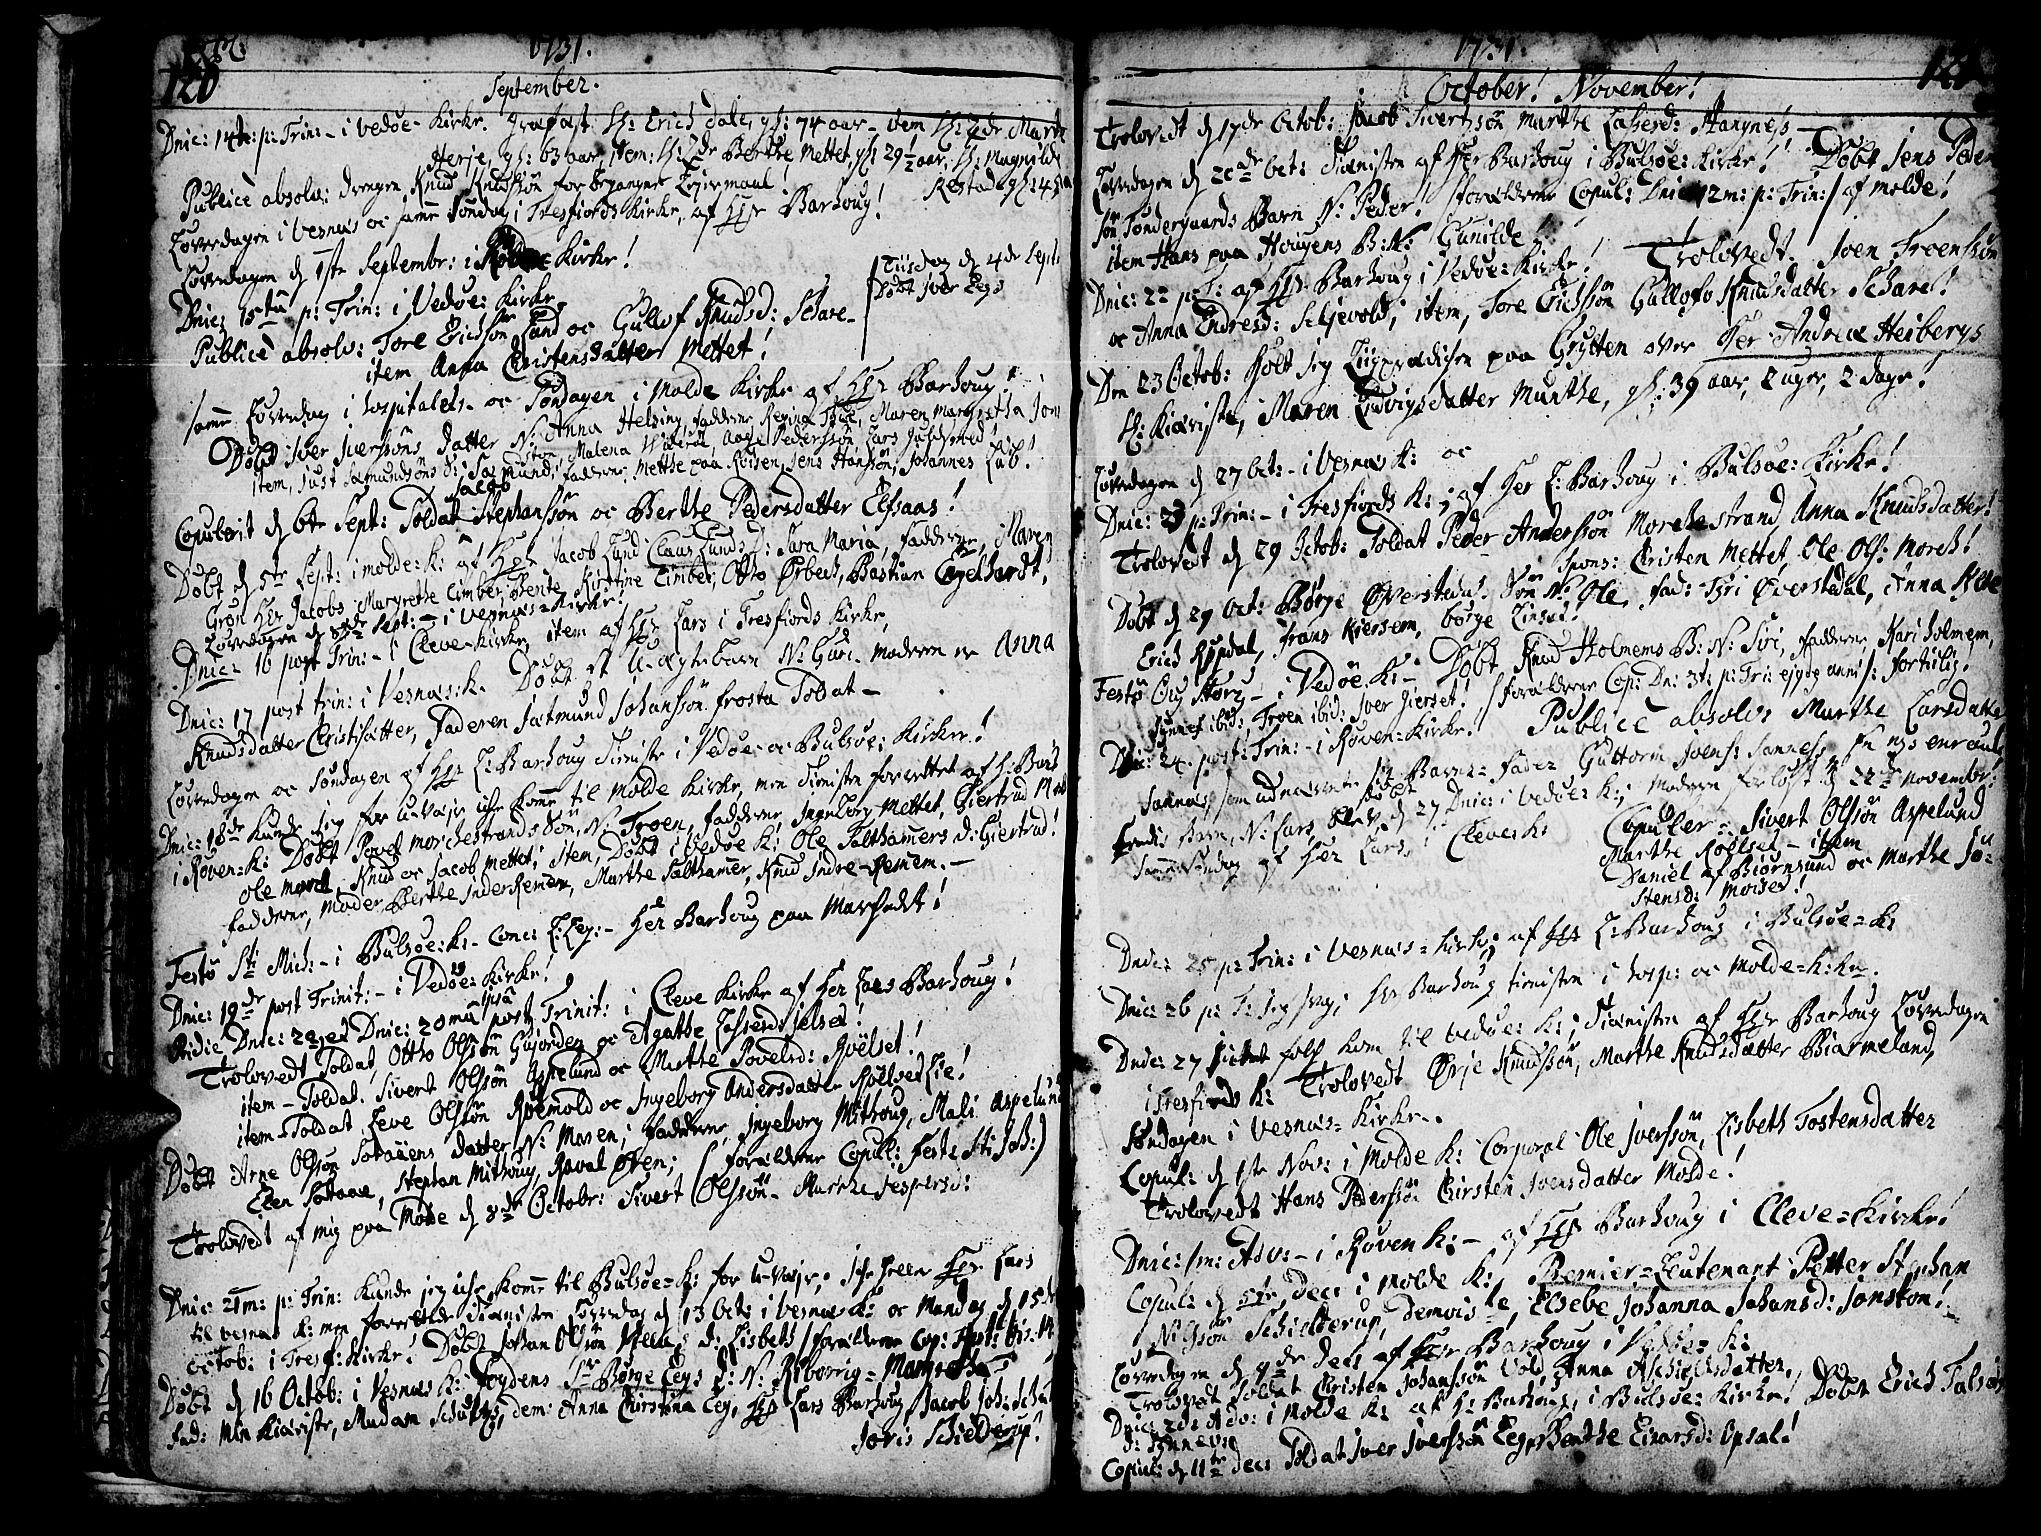 SAT, Ministerialprotokoller, klokkerbøker og fødselsregistre - Møre og Romsdal, 547/L0599: Ministerialbok nr. 547A01, 1721-1764, s. 122-123